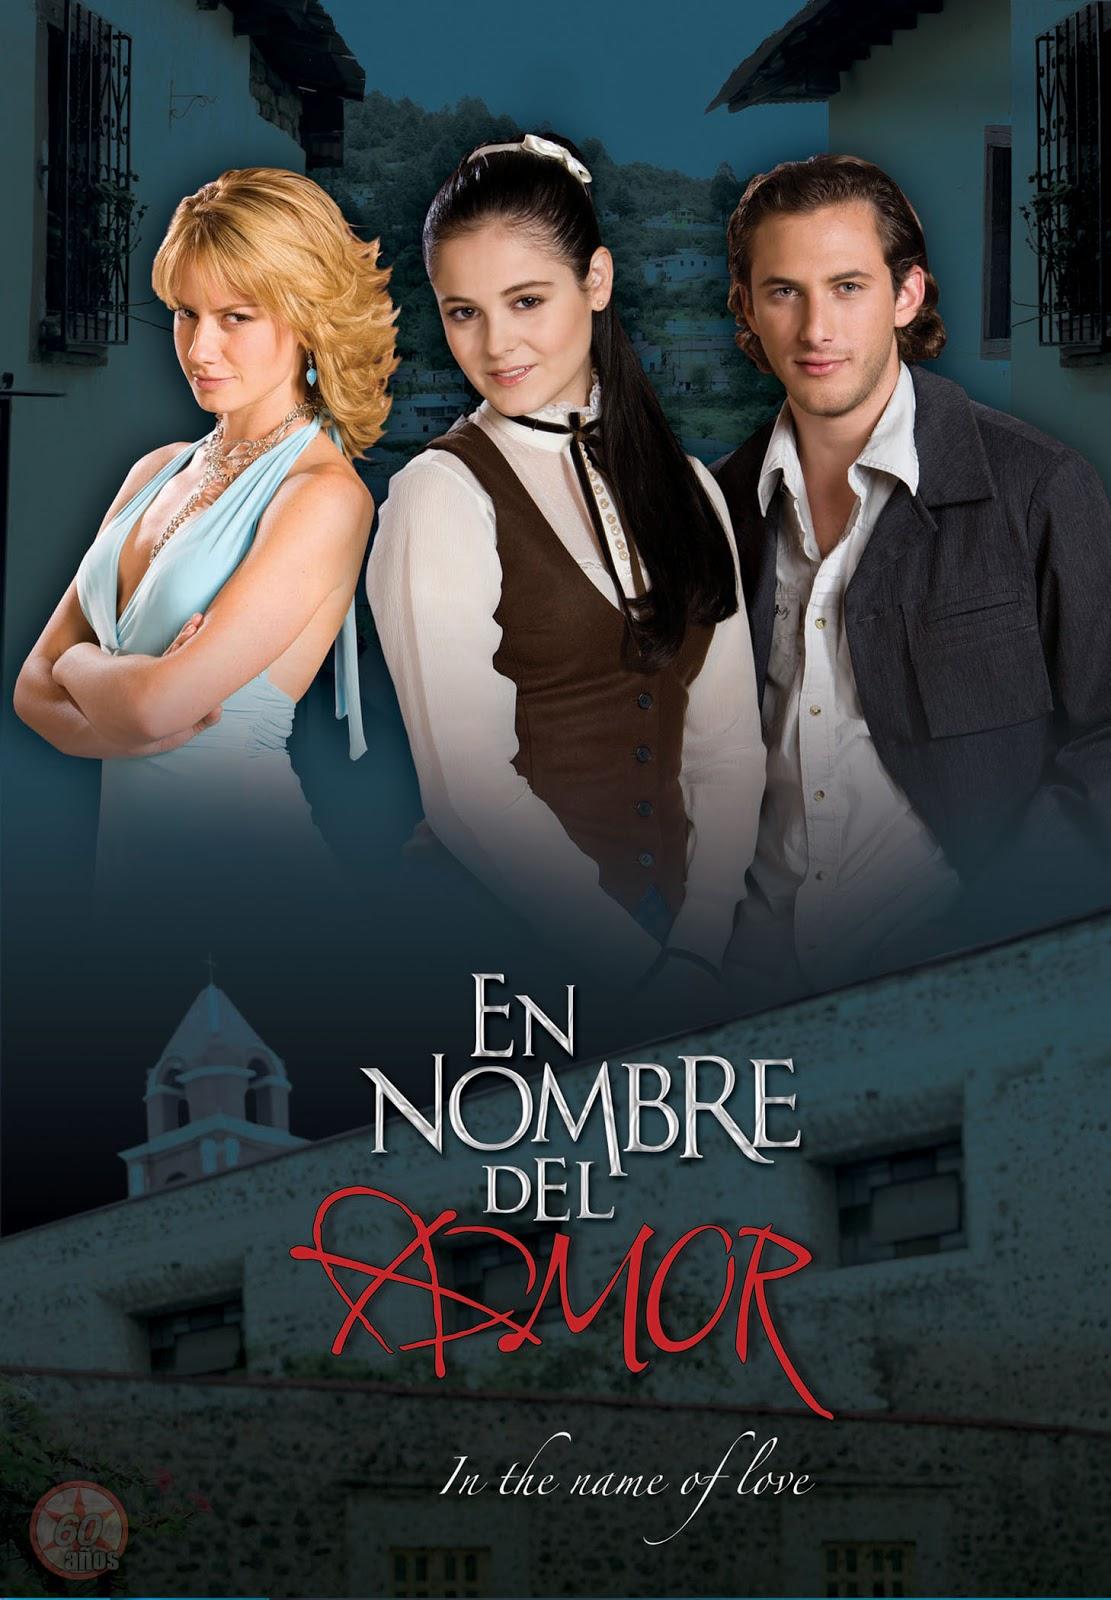 en nombre del amor posters de telenovelas